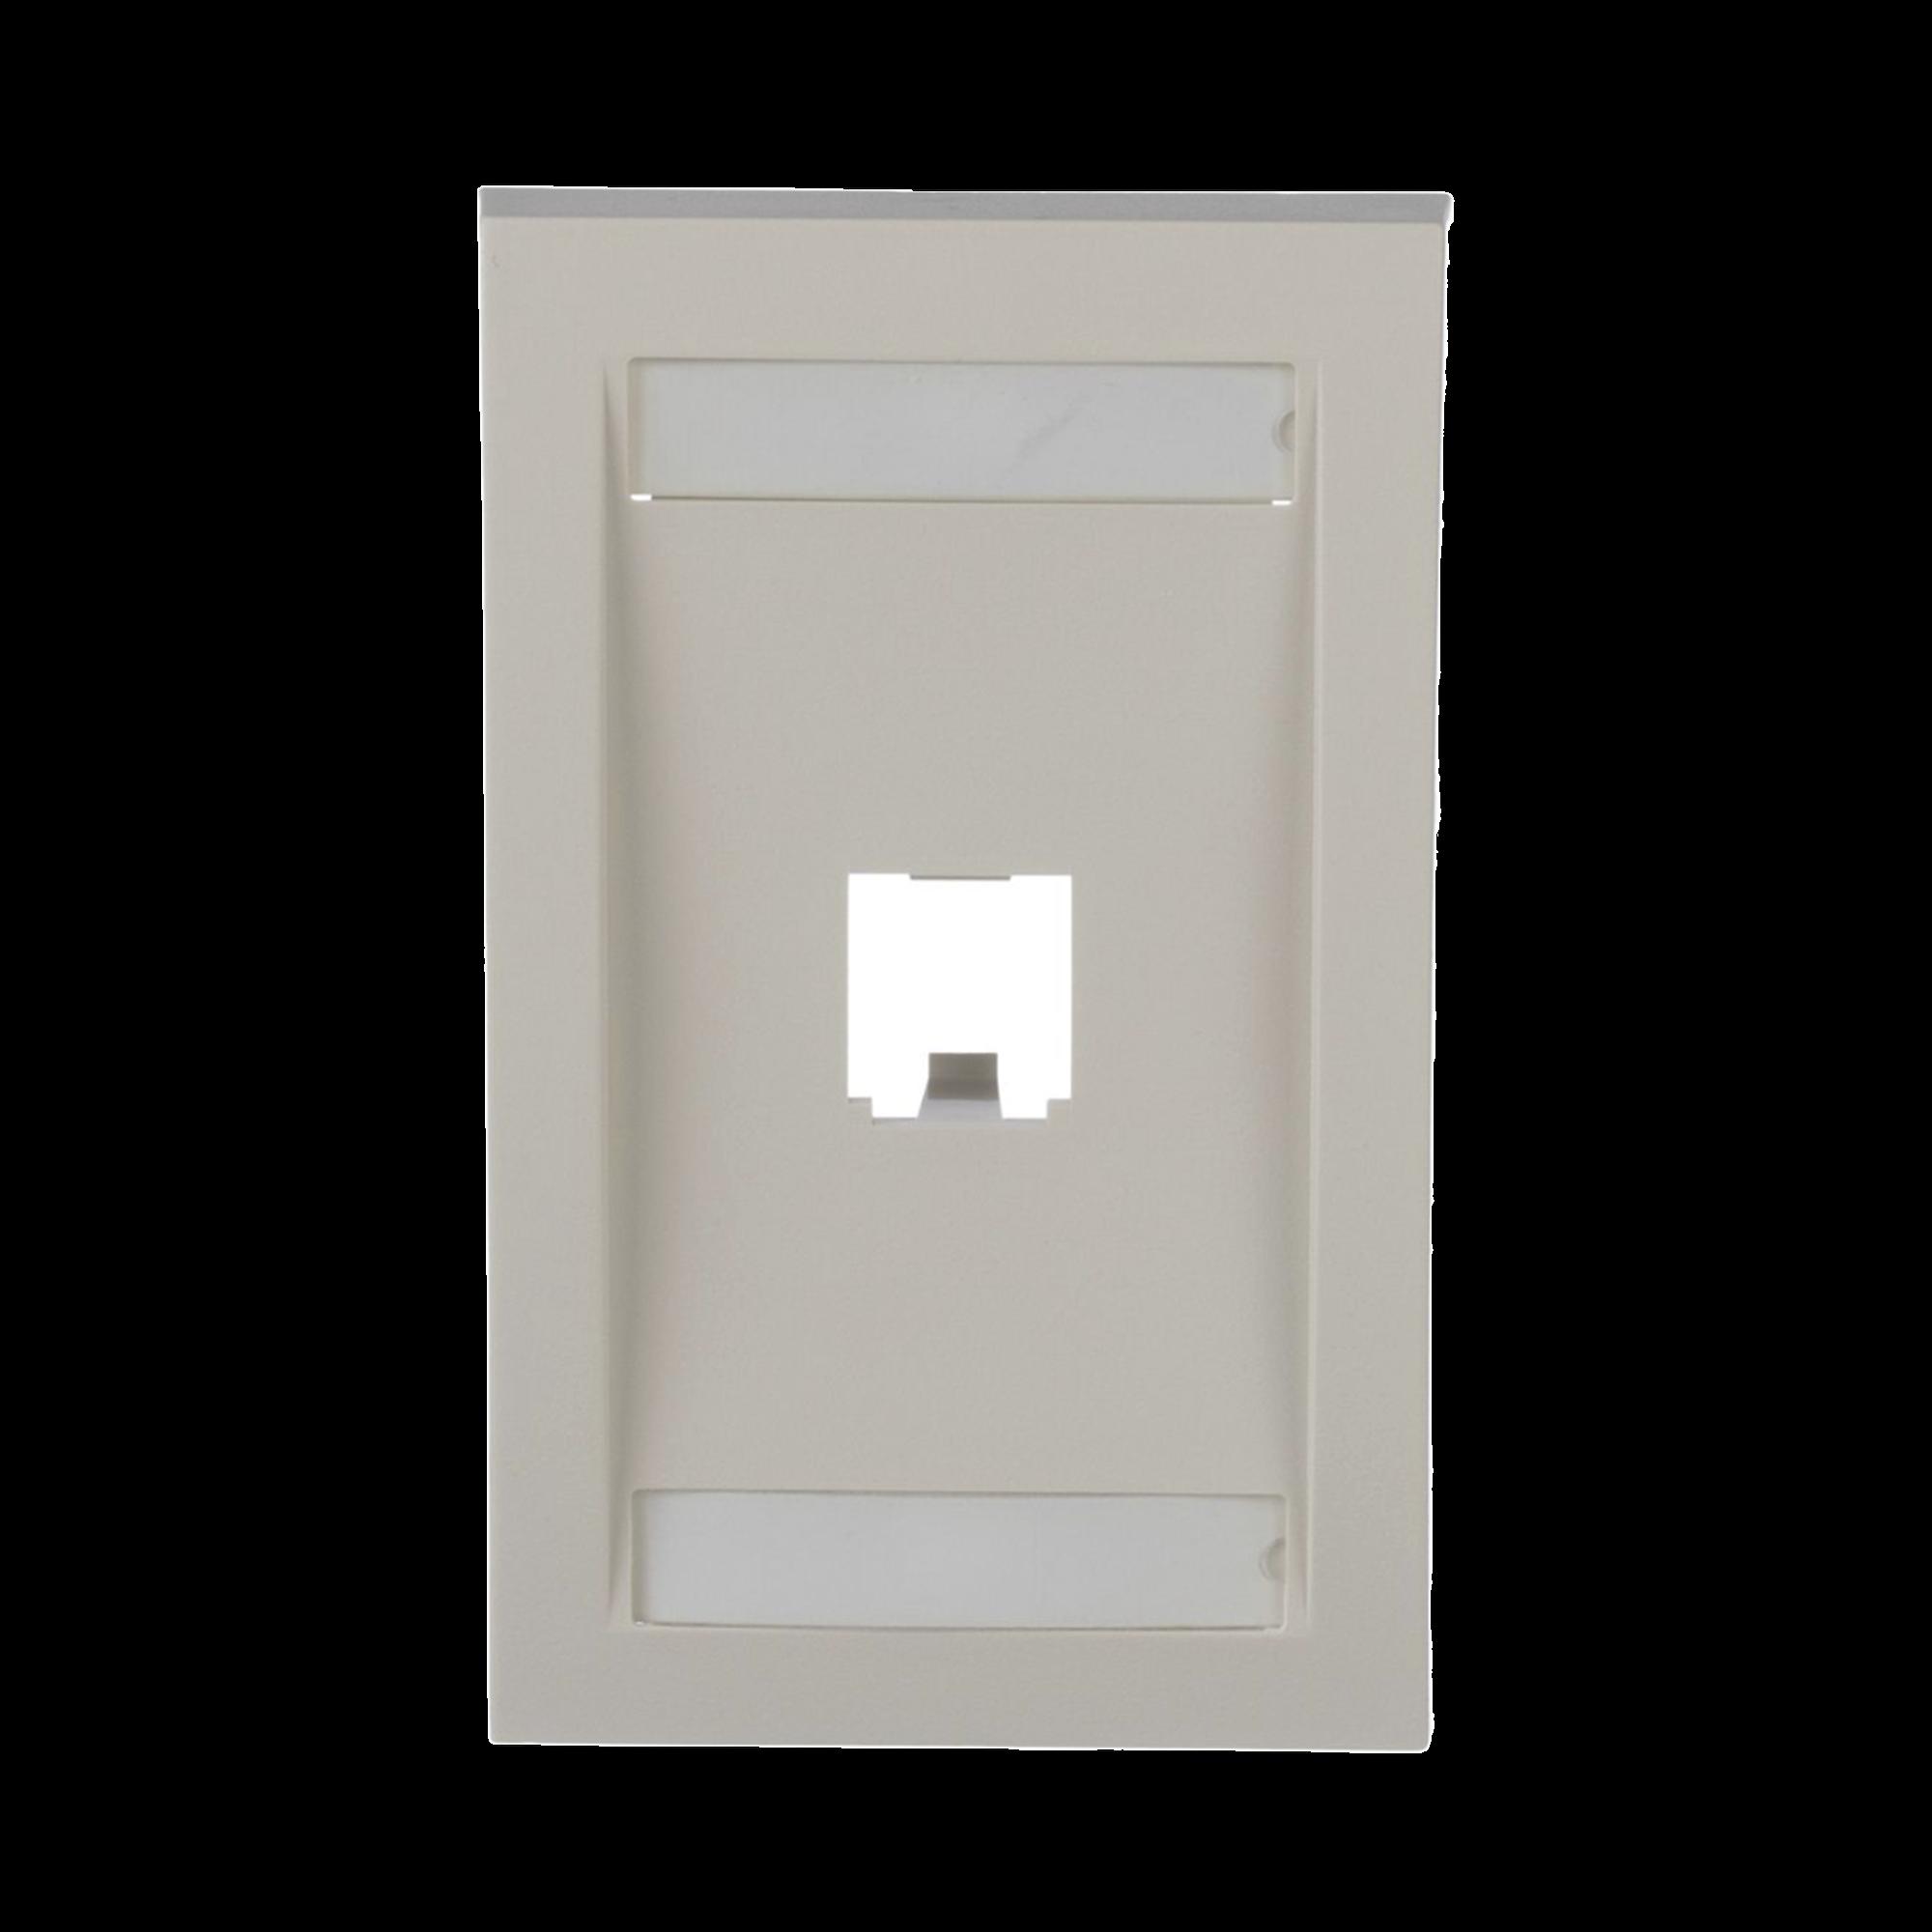 Placa de Pared Vertical Ejecutiva, Salida Para 1 Puerto Mini-Com, Con Espacios Para Etiquetas, Color Blanco Mate